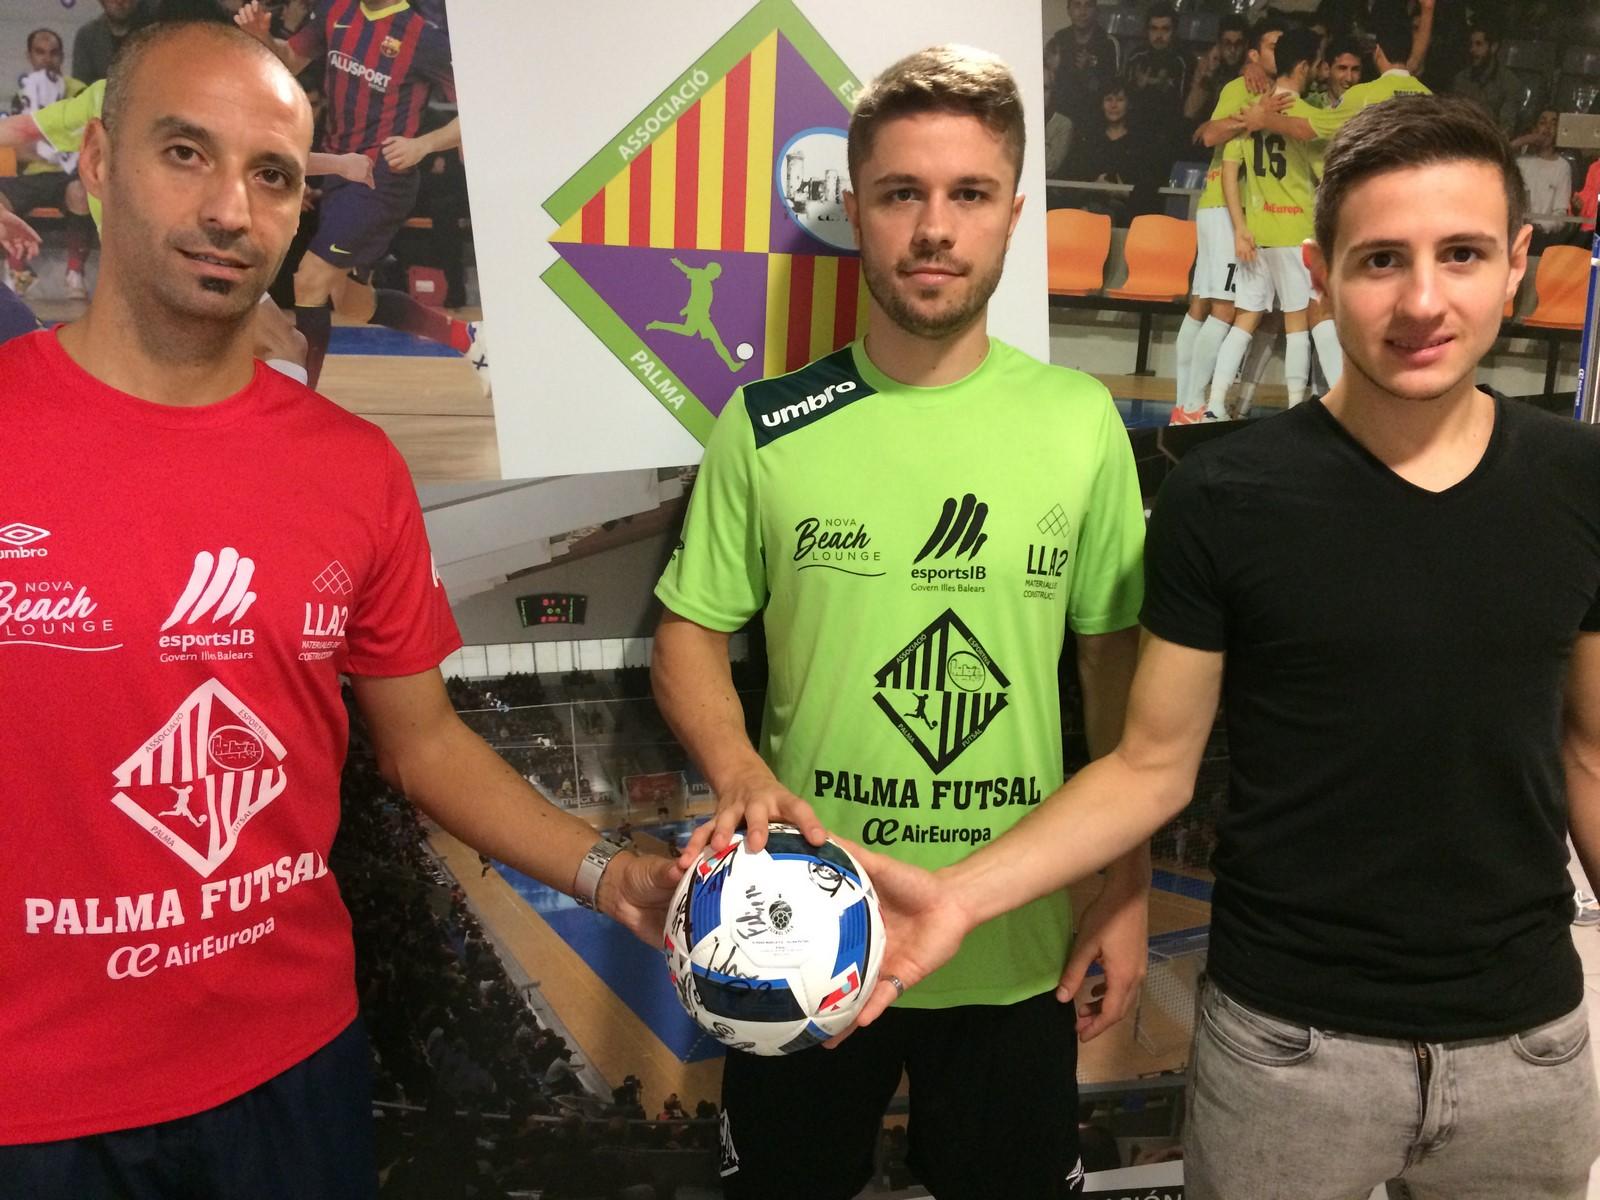 Vadillo, Maico y Sarmiento posan con el balón de la final de Sevilla 1 (Copiar)